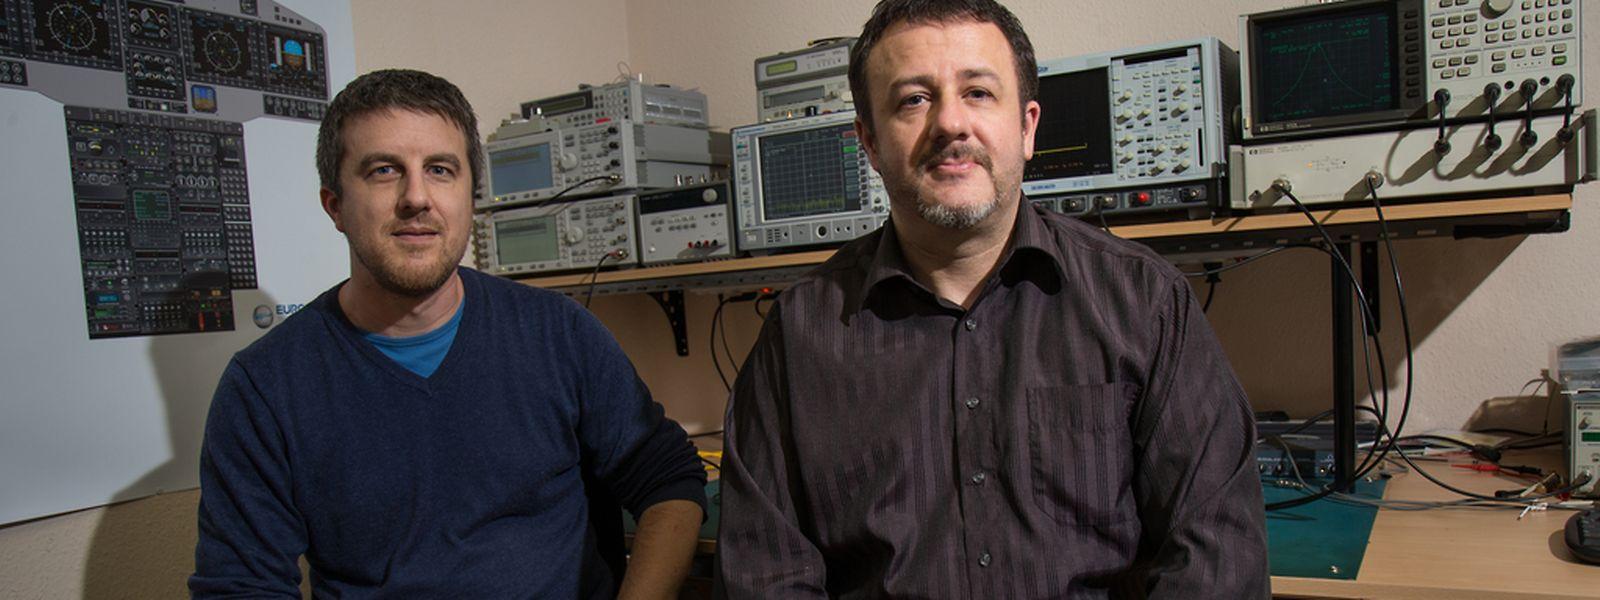 Cédric Lorant et Henri Du Faux, fondateurs et gérants d'Emtronix: «Luxinnovation et l'ESA nous ont donné cette impulsion, en nous confiant des projets.»